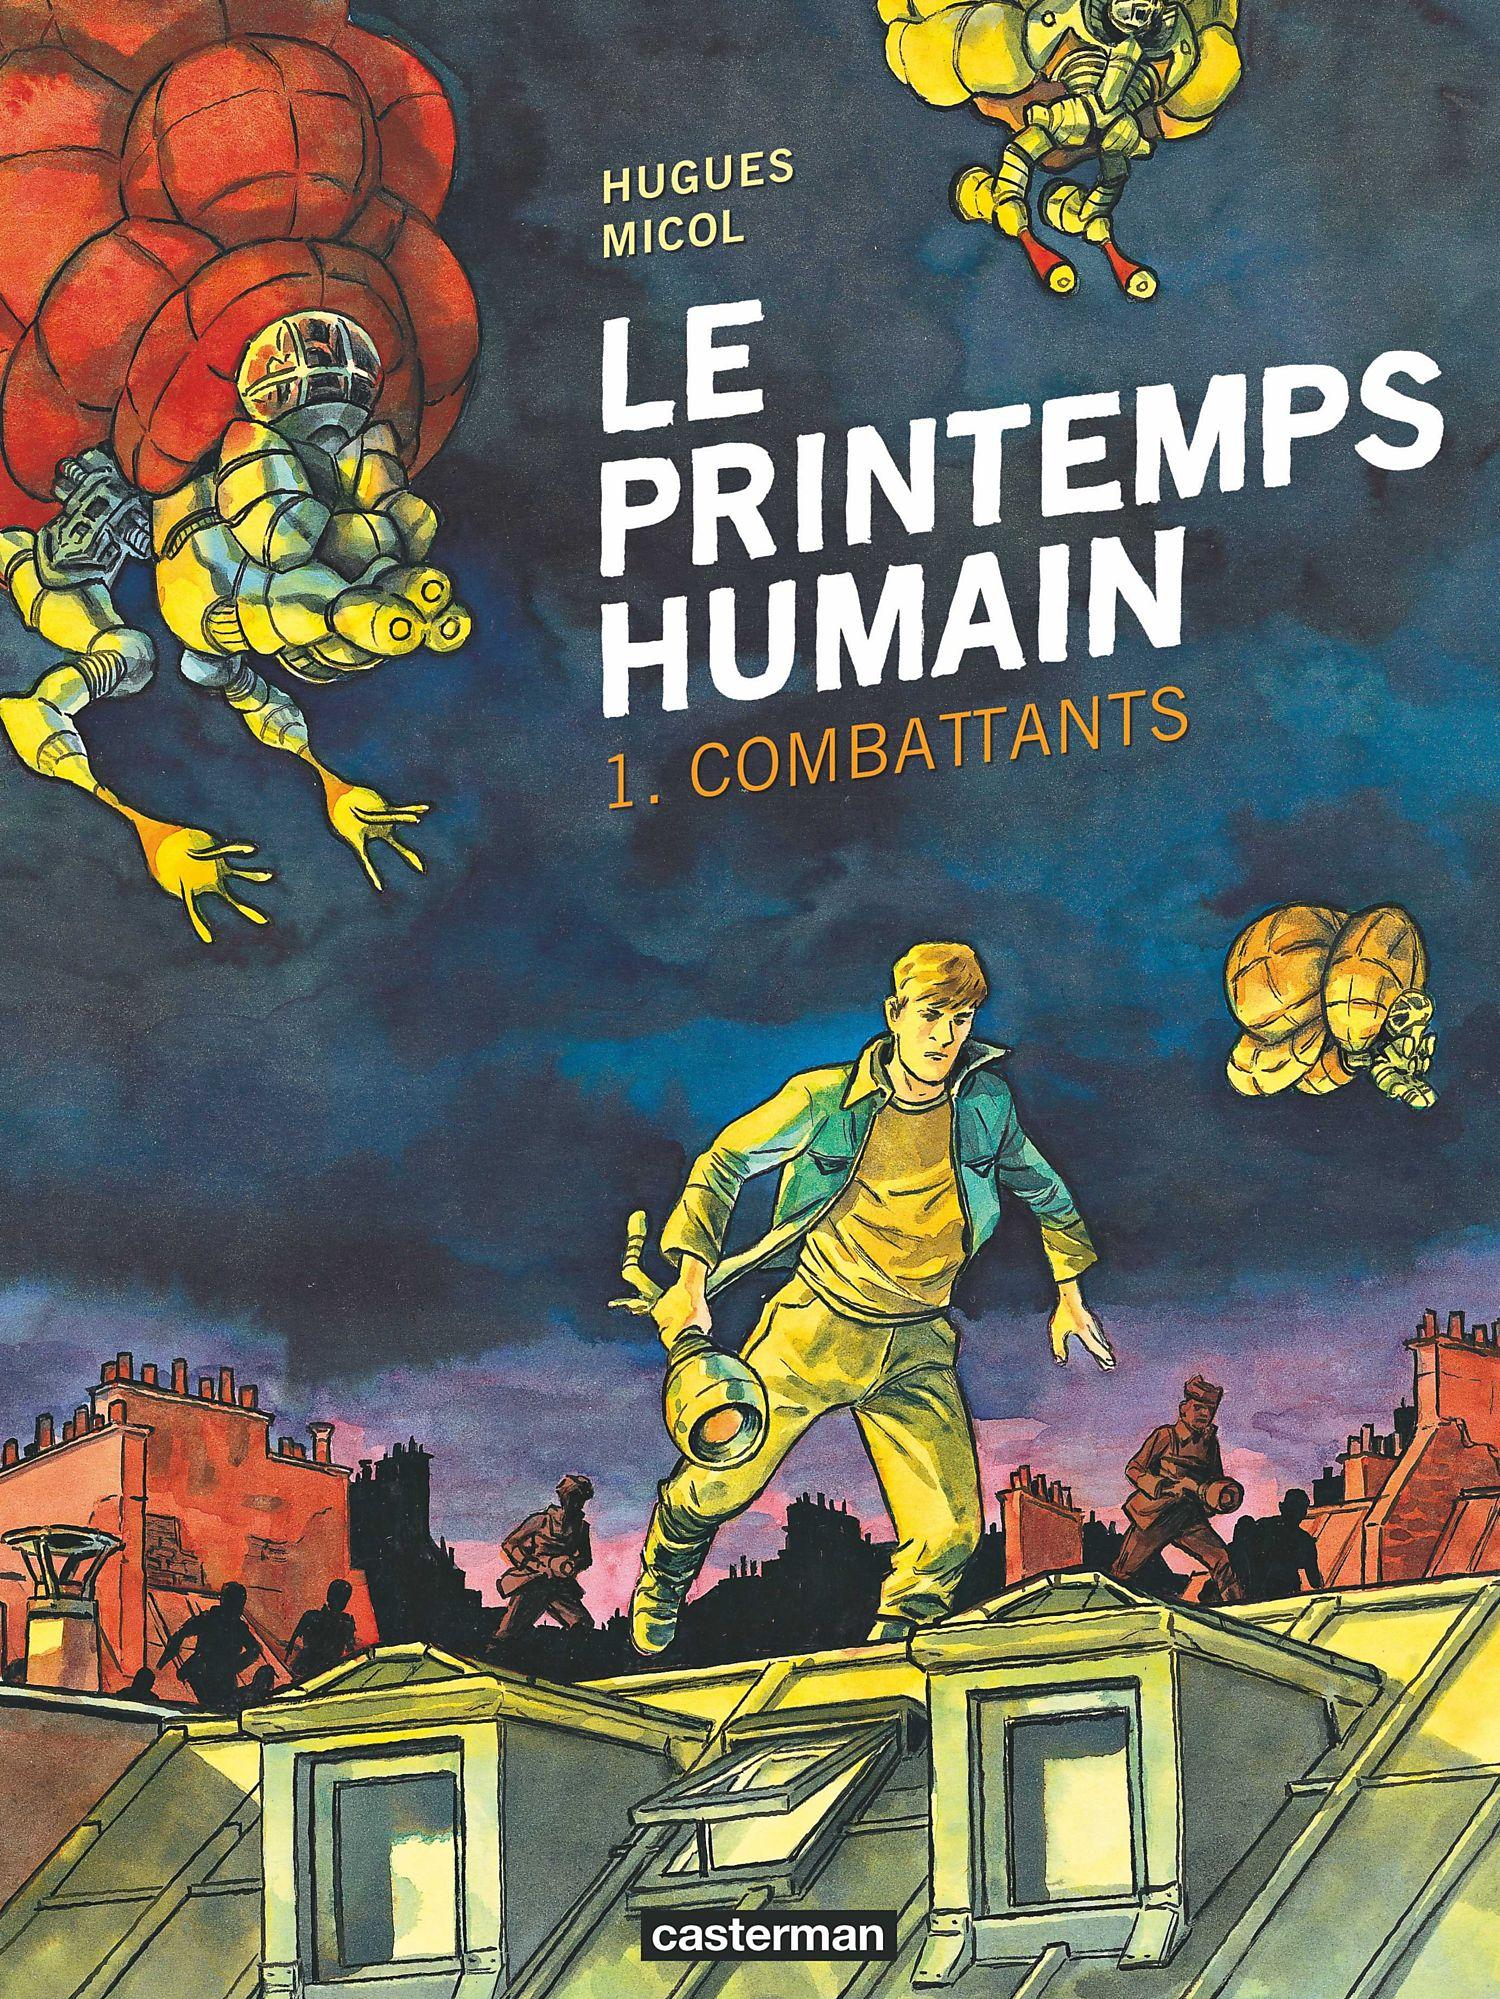 Le printemps humain (Tome 1) - Combattants